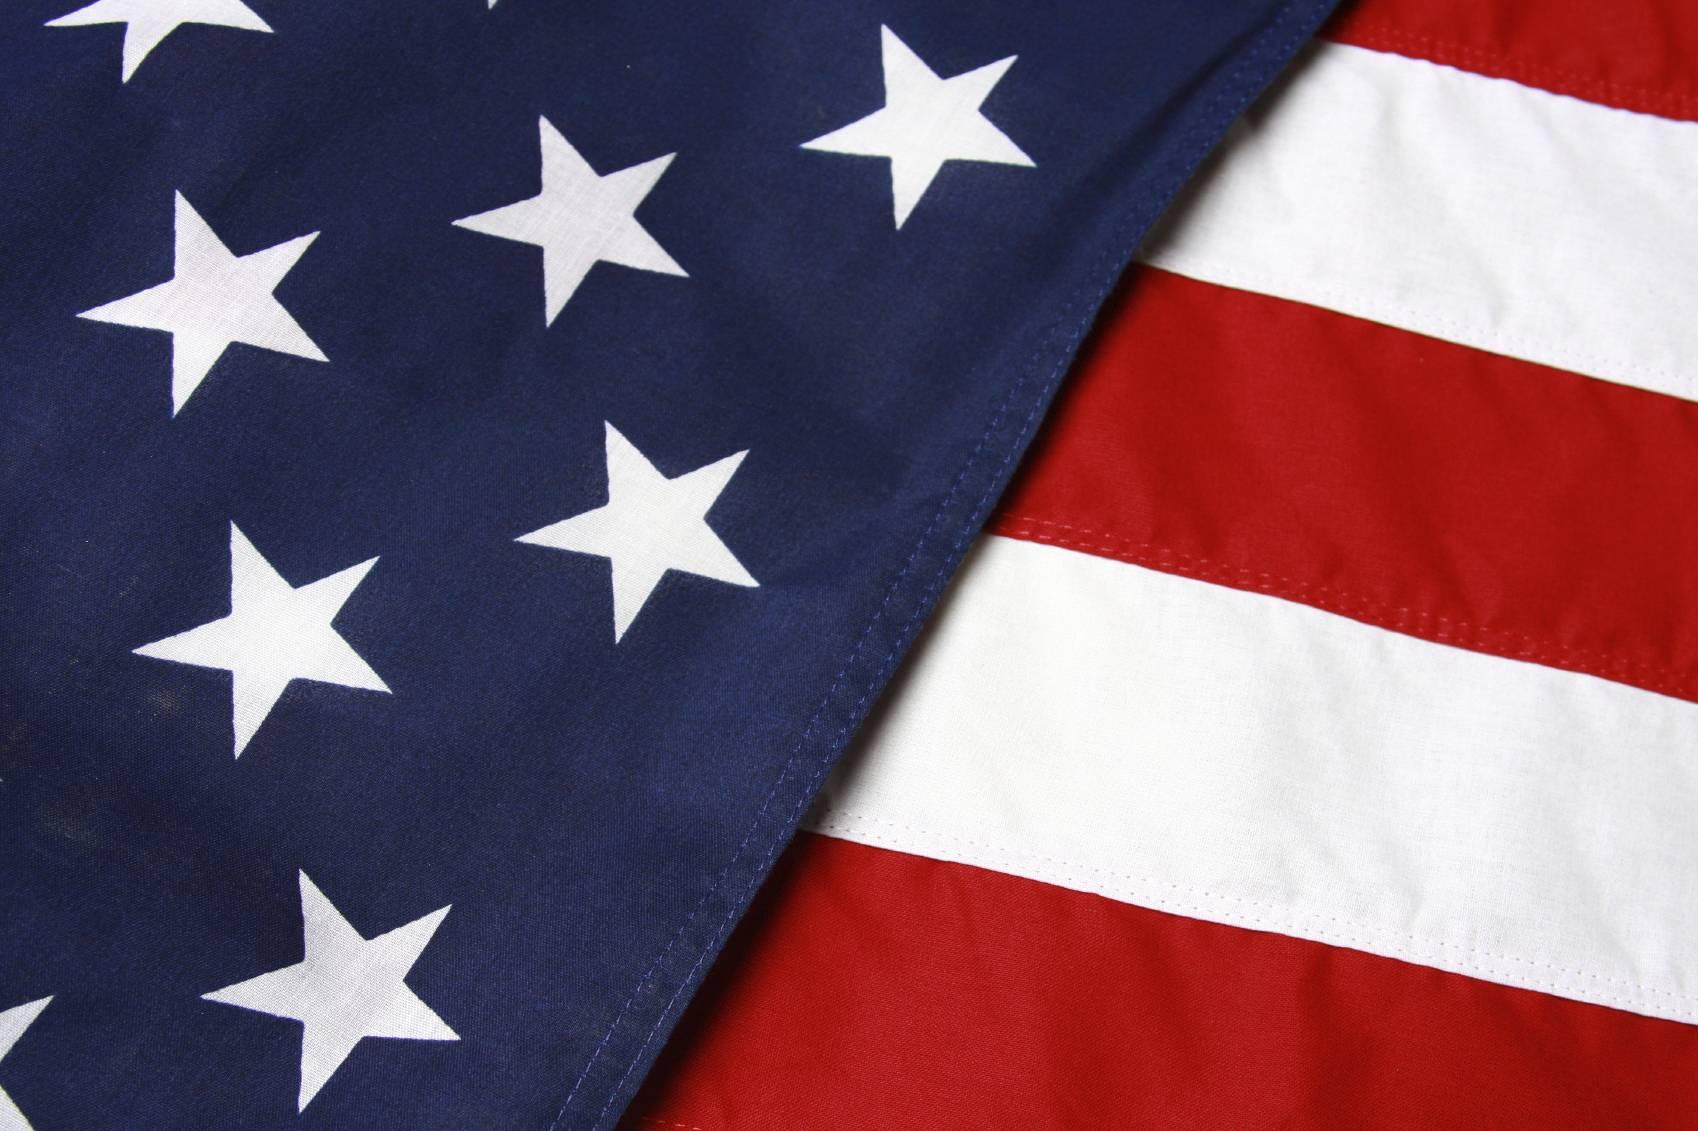 flag desktop background - photo #12